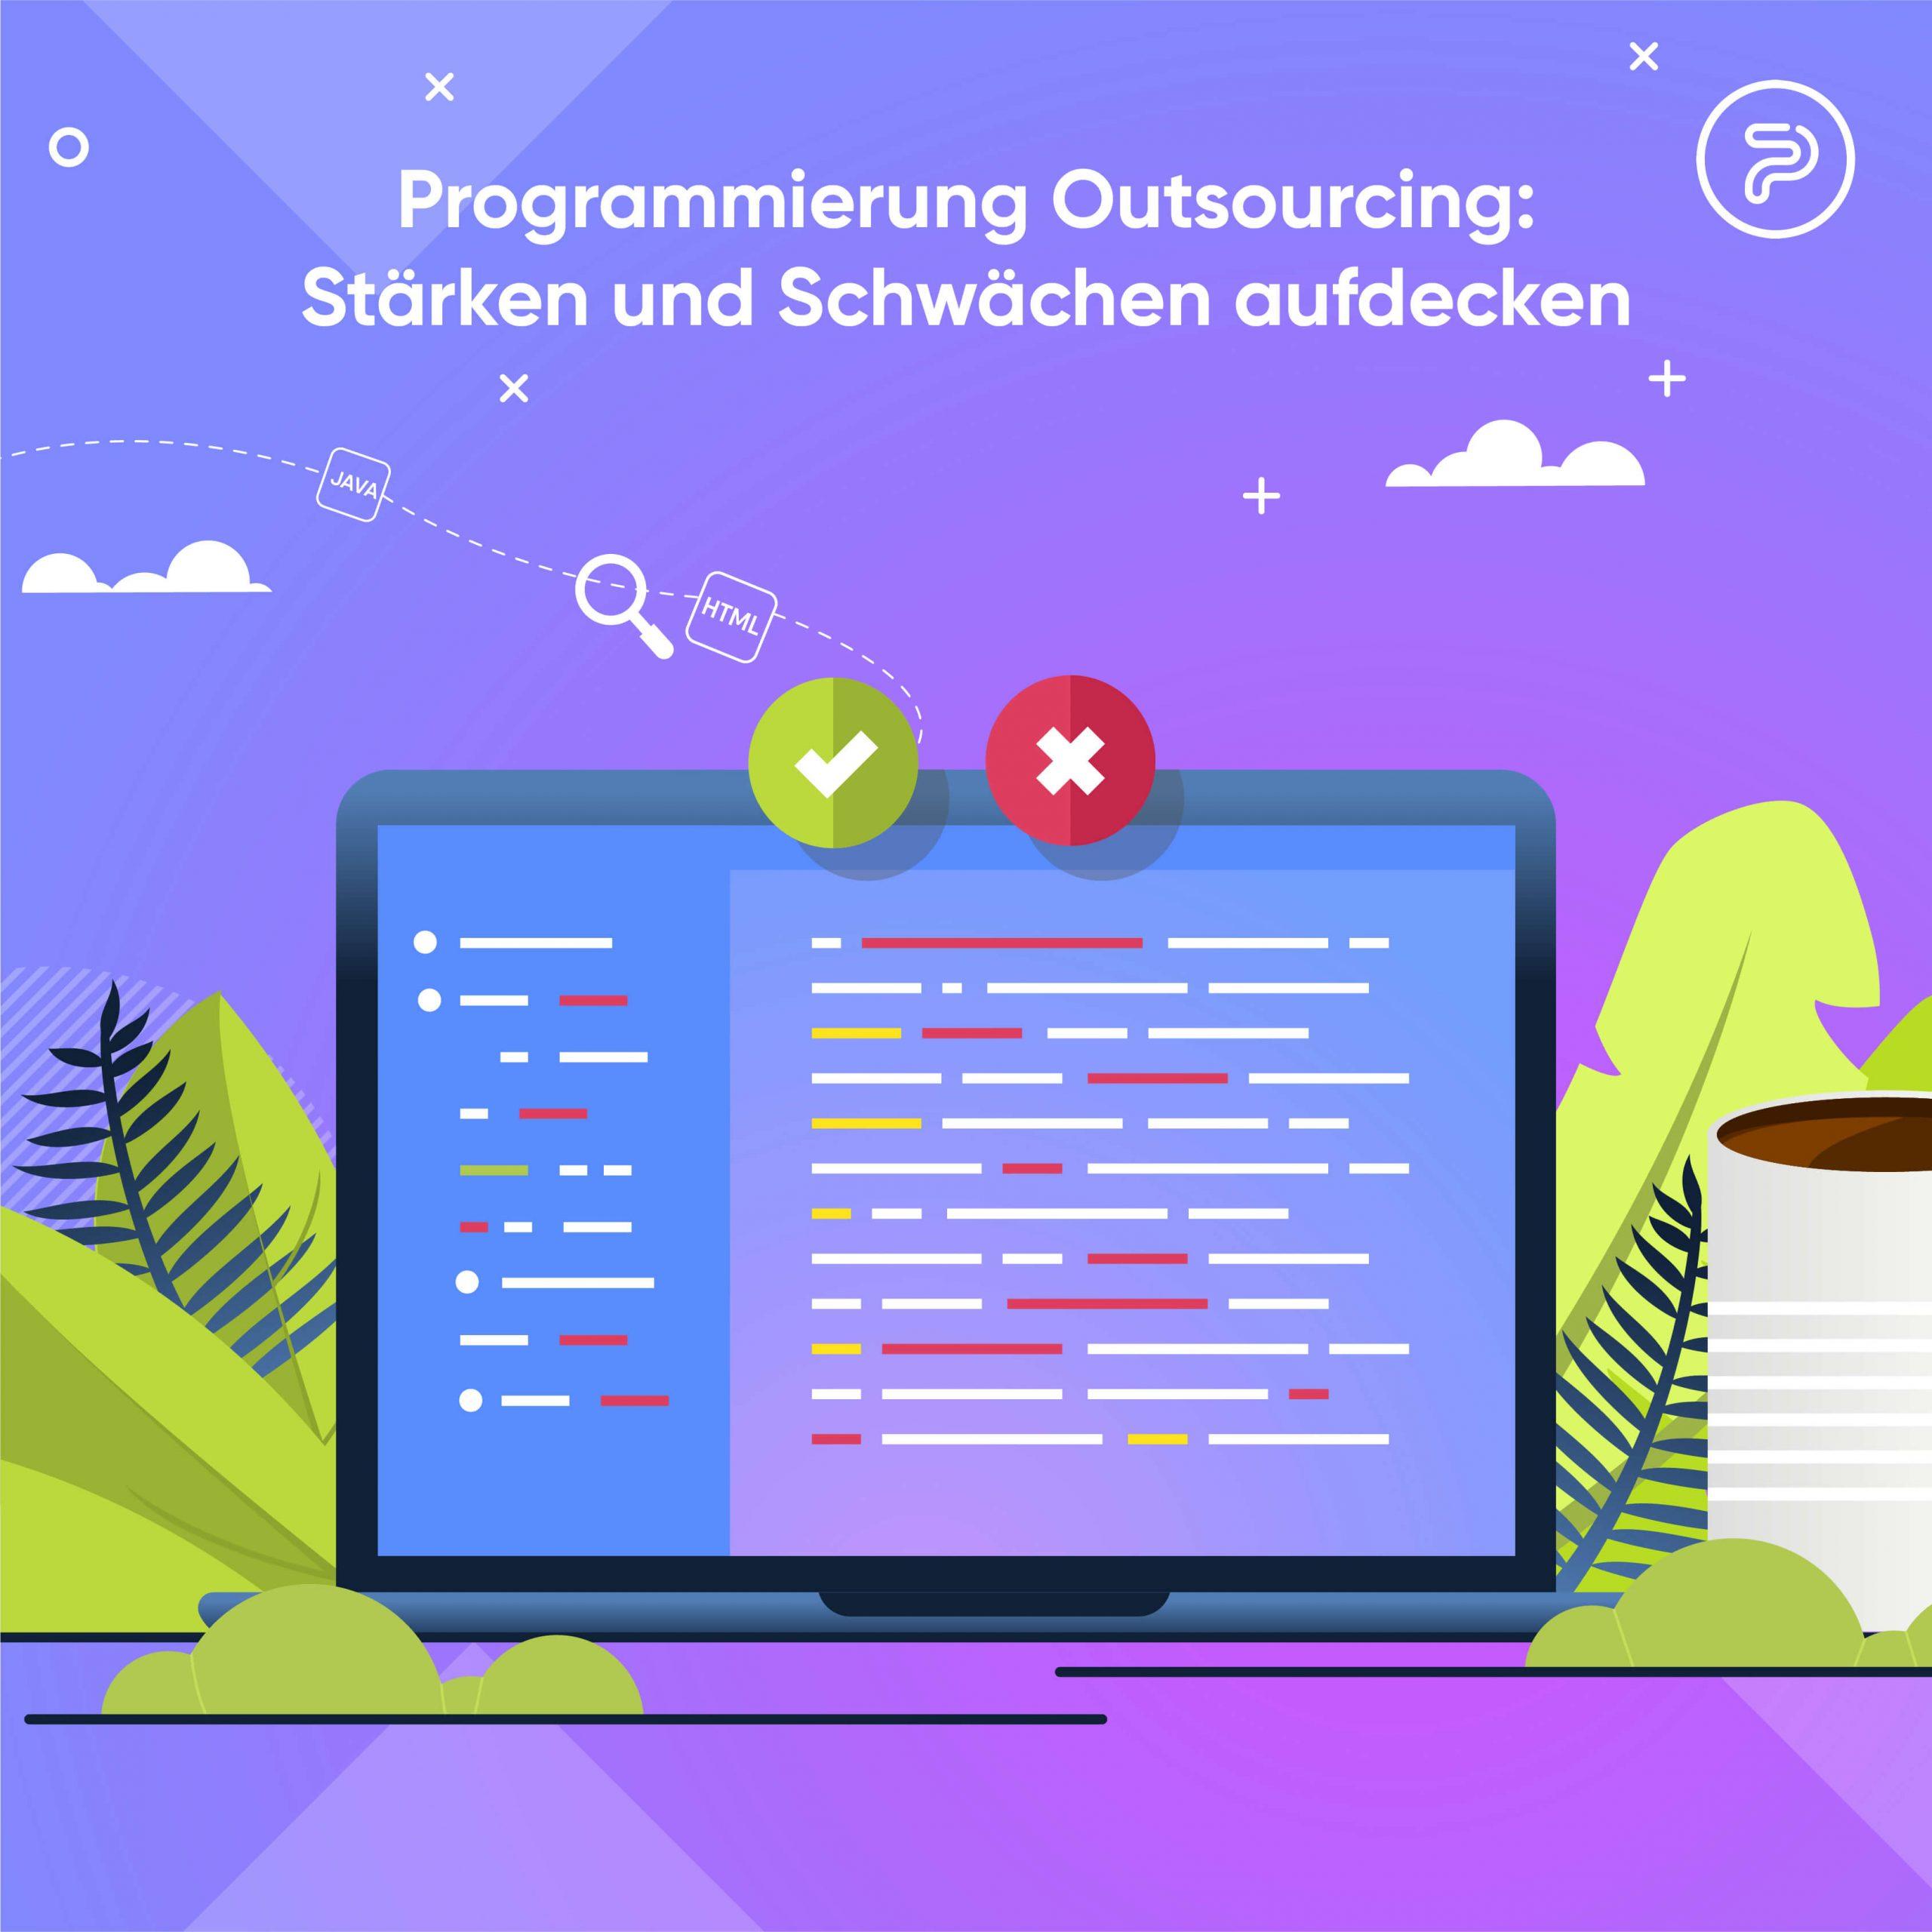 43369Programmierung Outsourcing: Stärken und Schwächen aufdecken